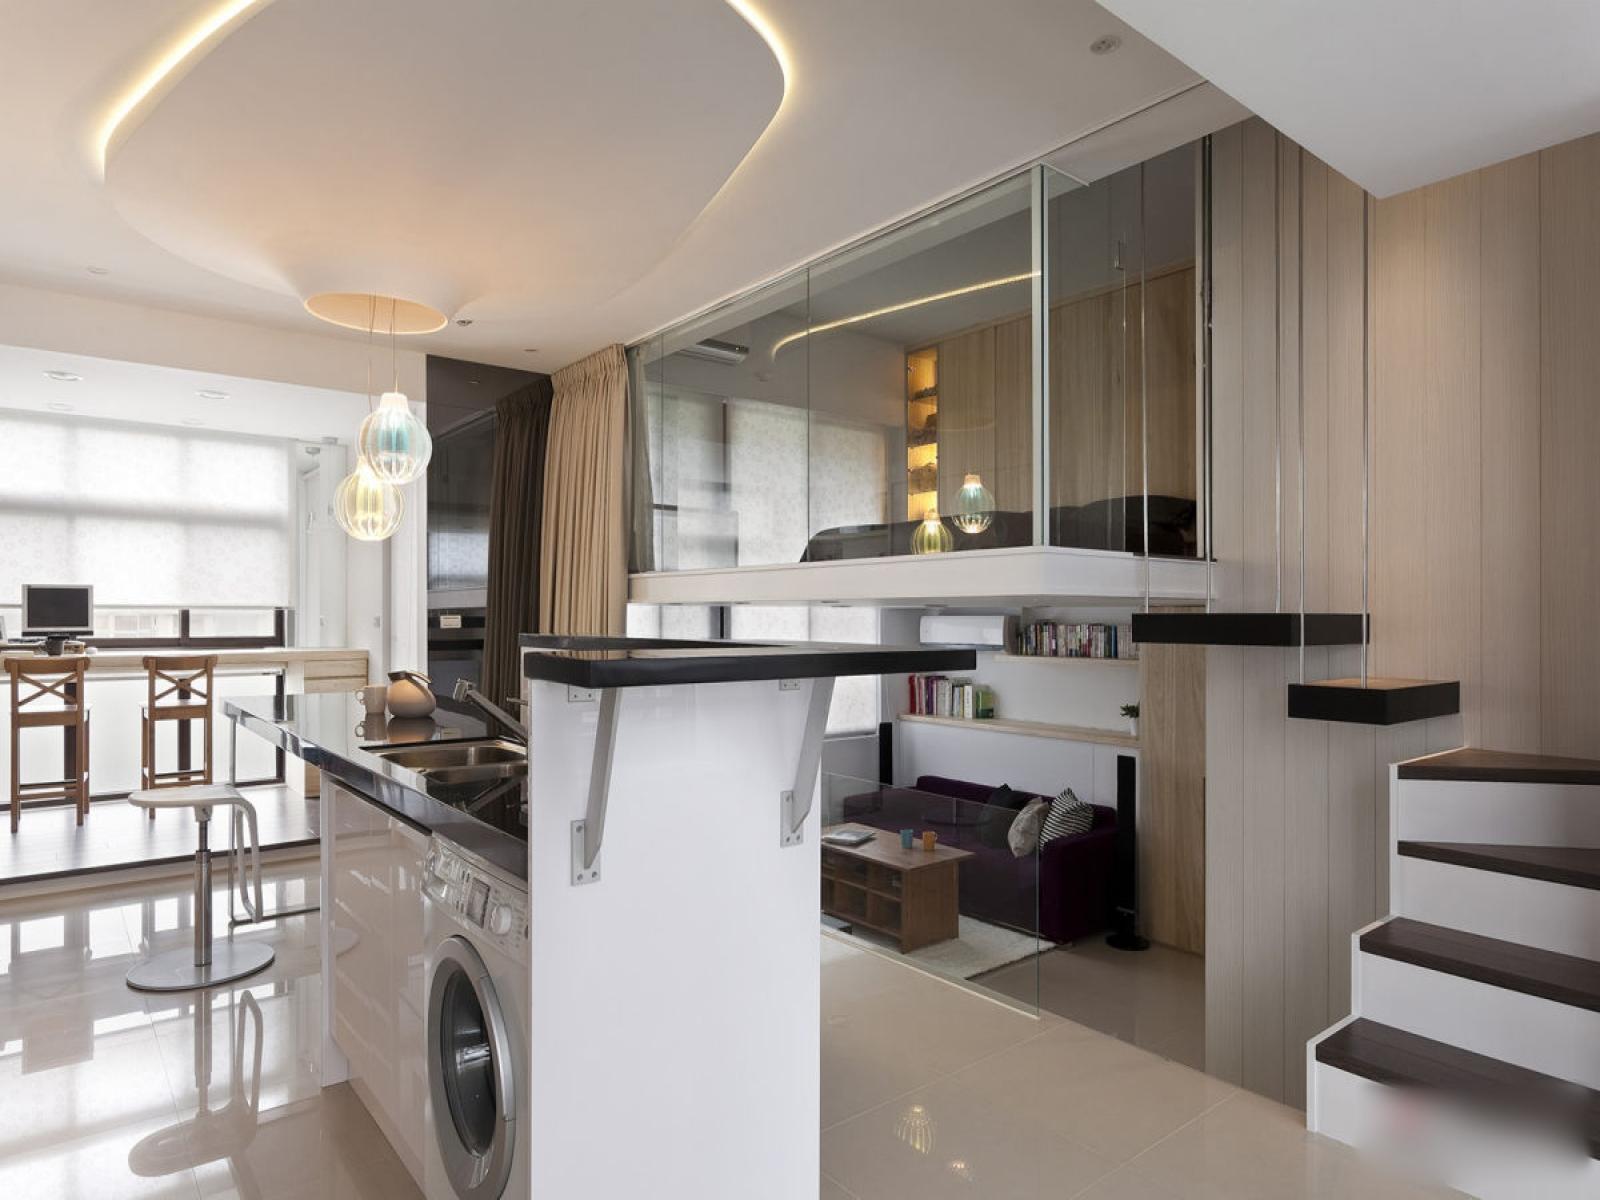 Совмещенная гостиная и спальня в стиле хай тек